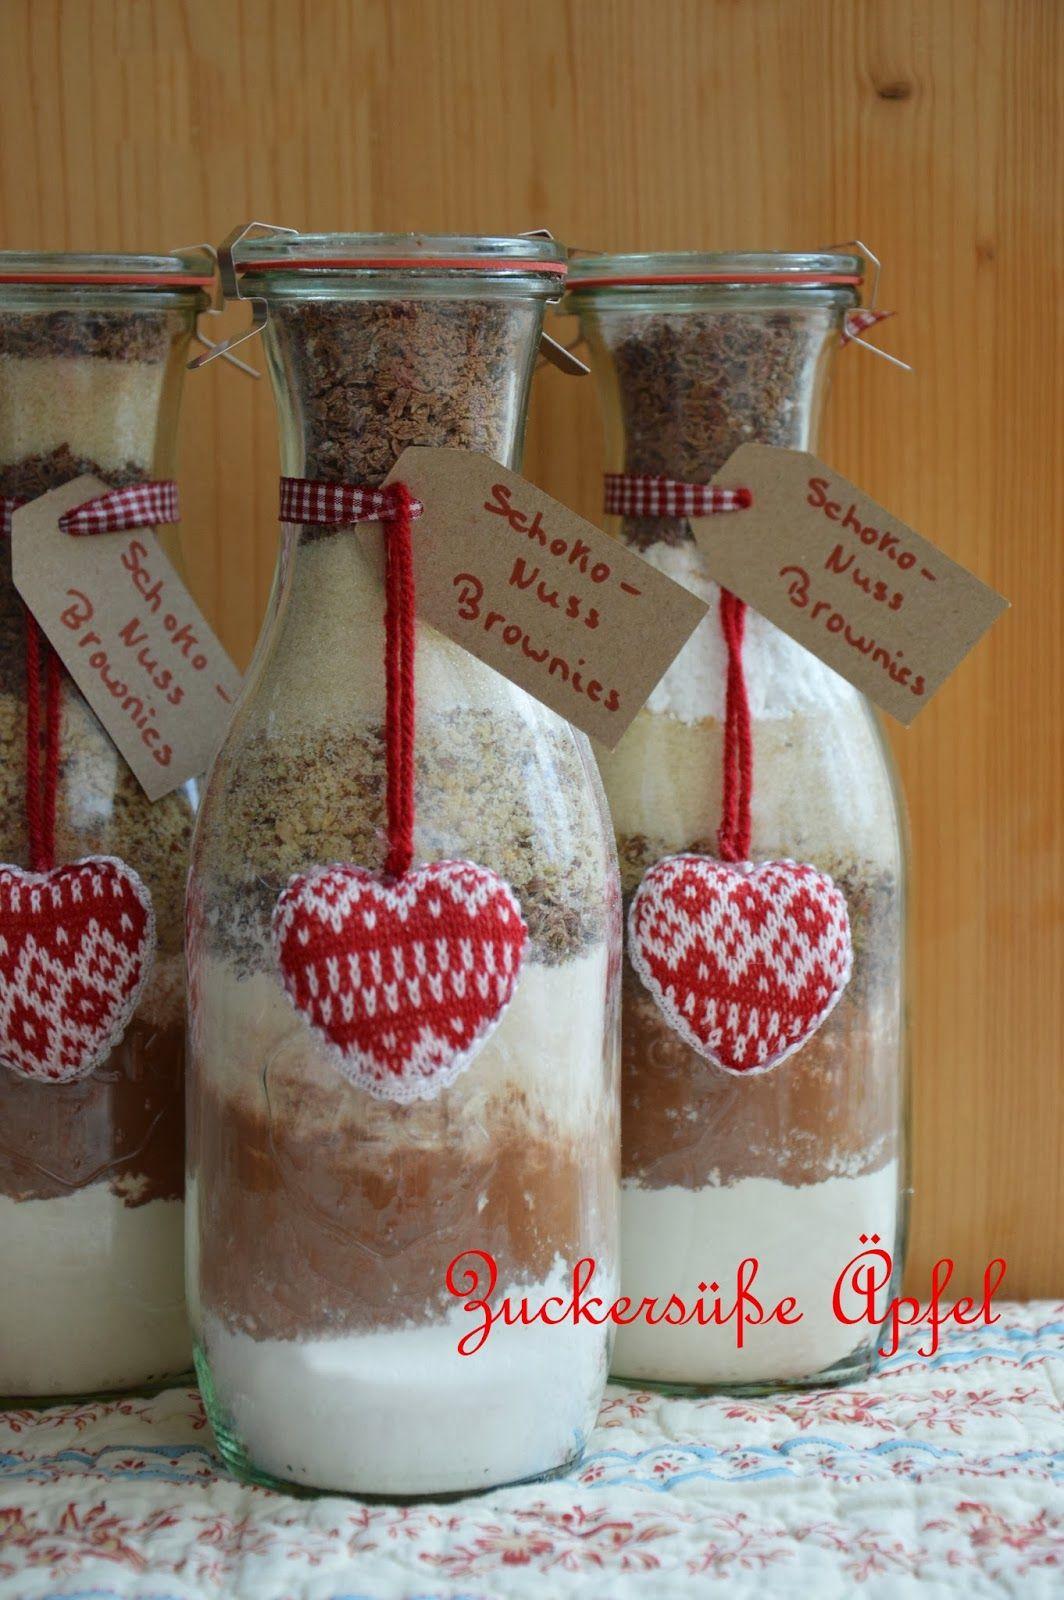 Backmischungen Im Glas Als Geschenk Aus Der Kuche Backmischung Im Glas Rezept Weihnachten Backmischung Im Glas Kuchen Backmischung Im Glas